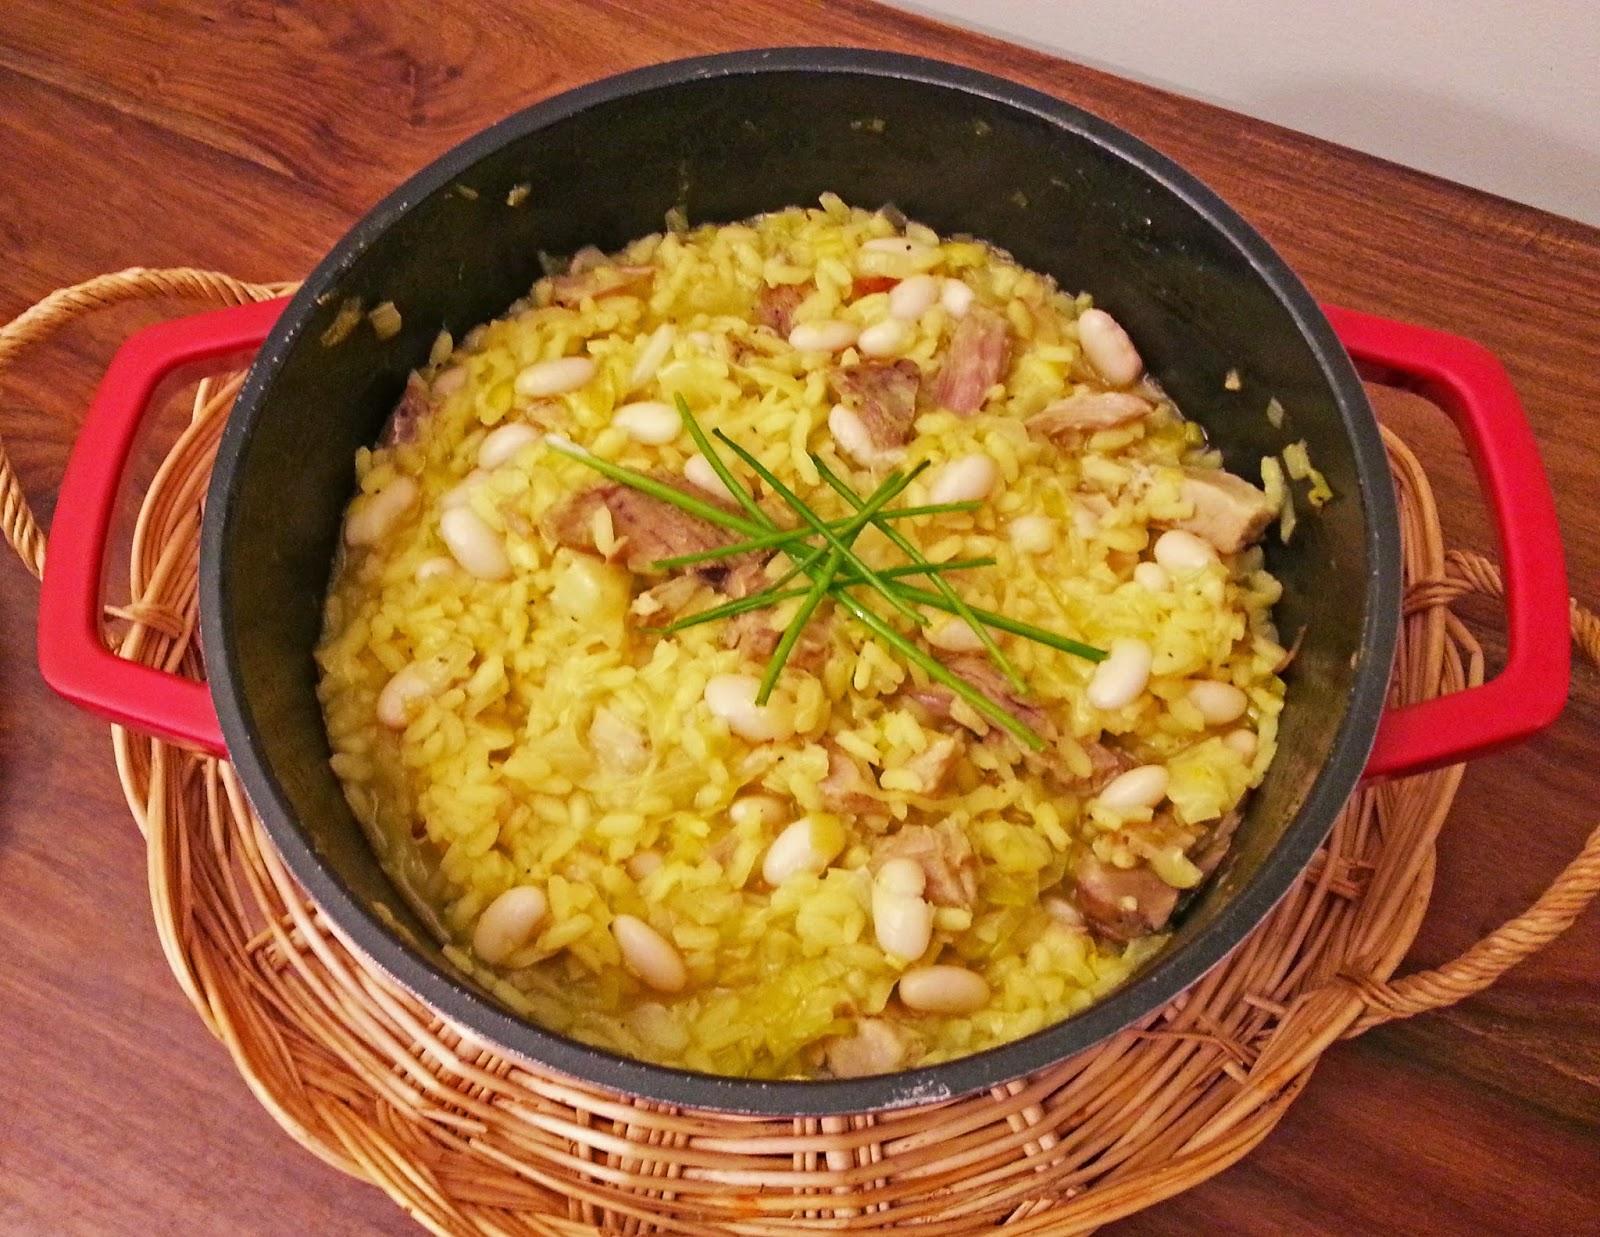 Arroz cremoso de feijão branco e barriga de porco assada